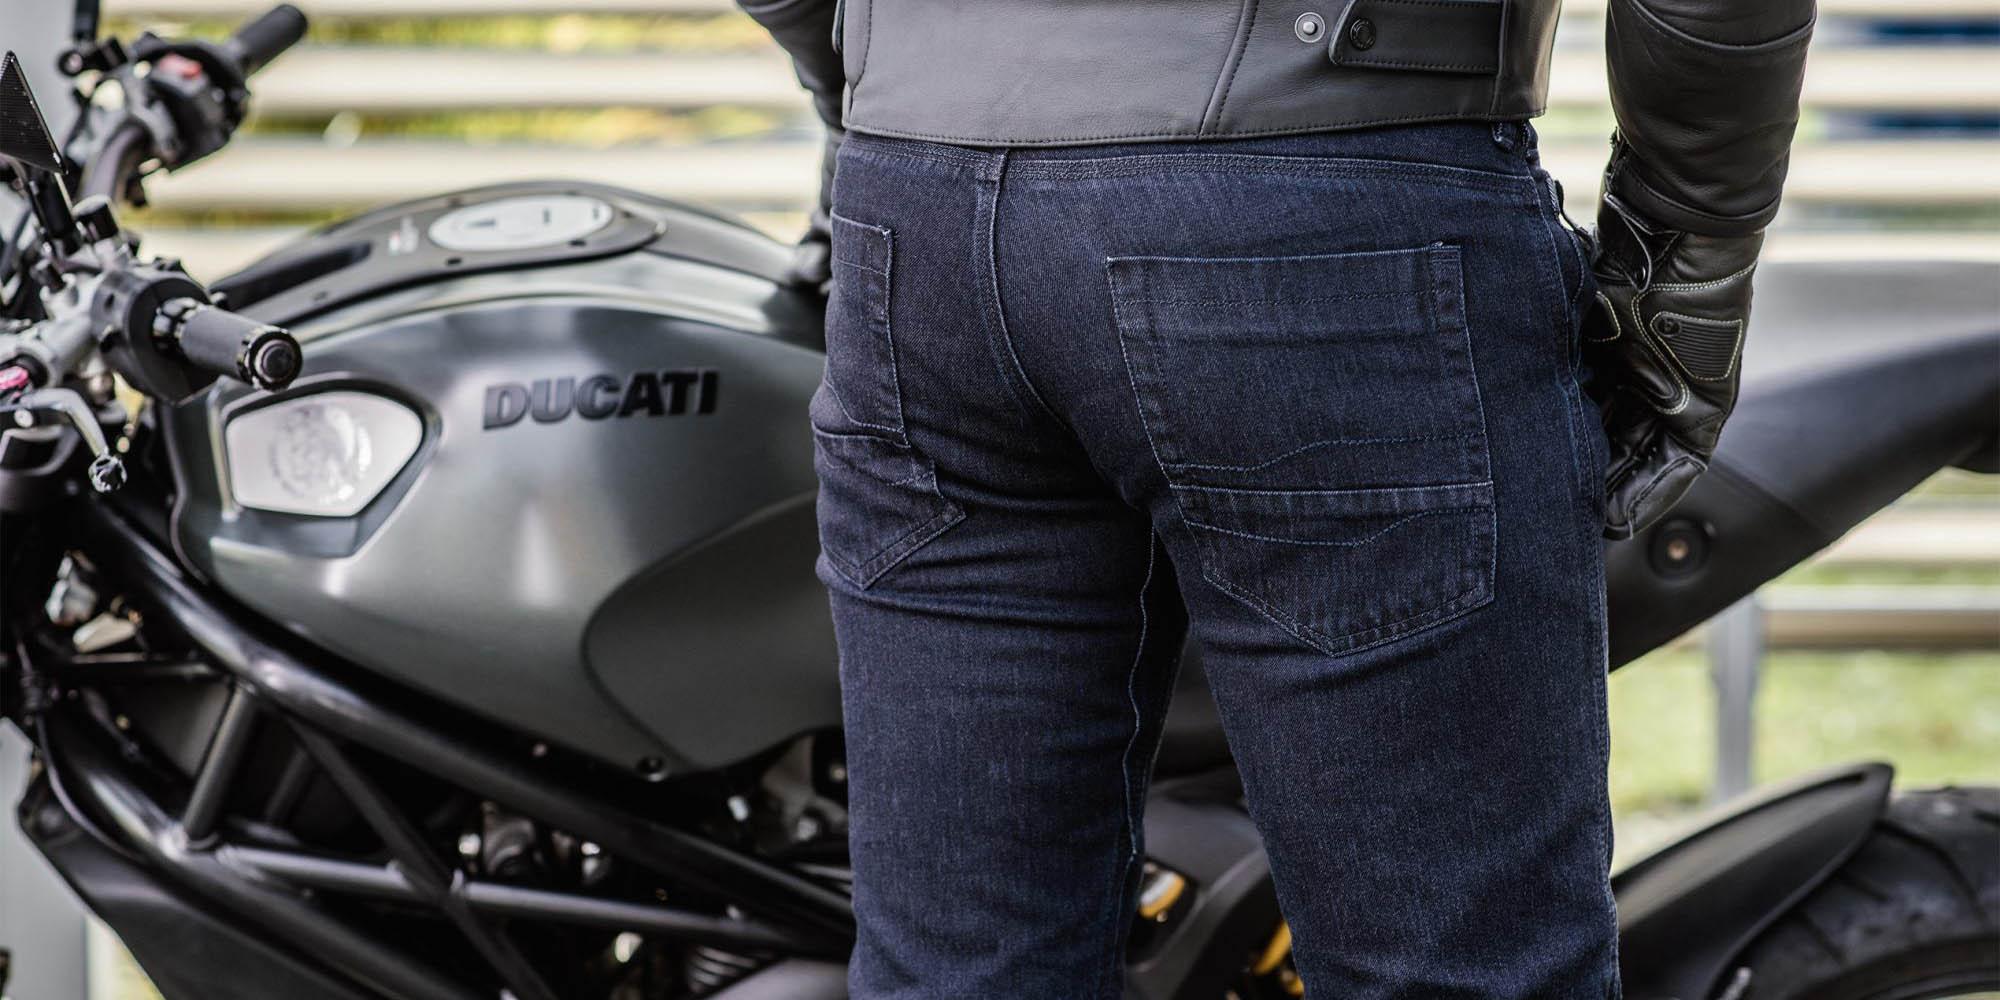 Джинсы мотоциклетные SHIMA TARMAC 3.0 вид карманы купить по низкой цене